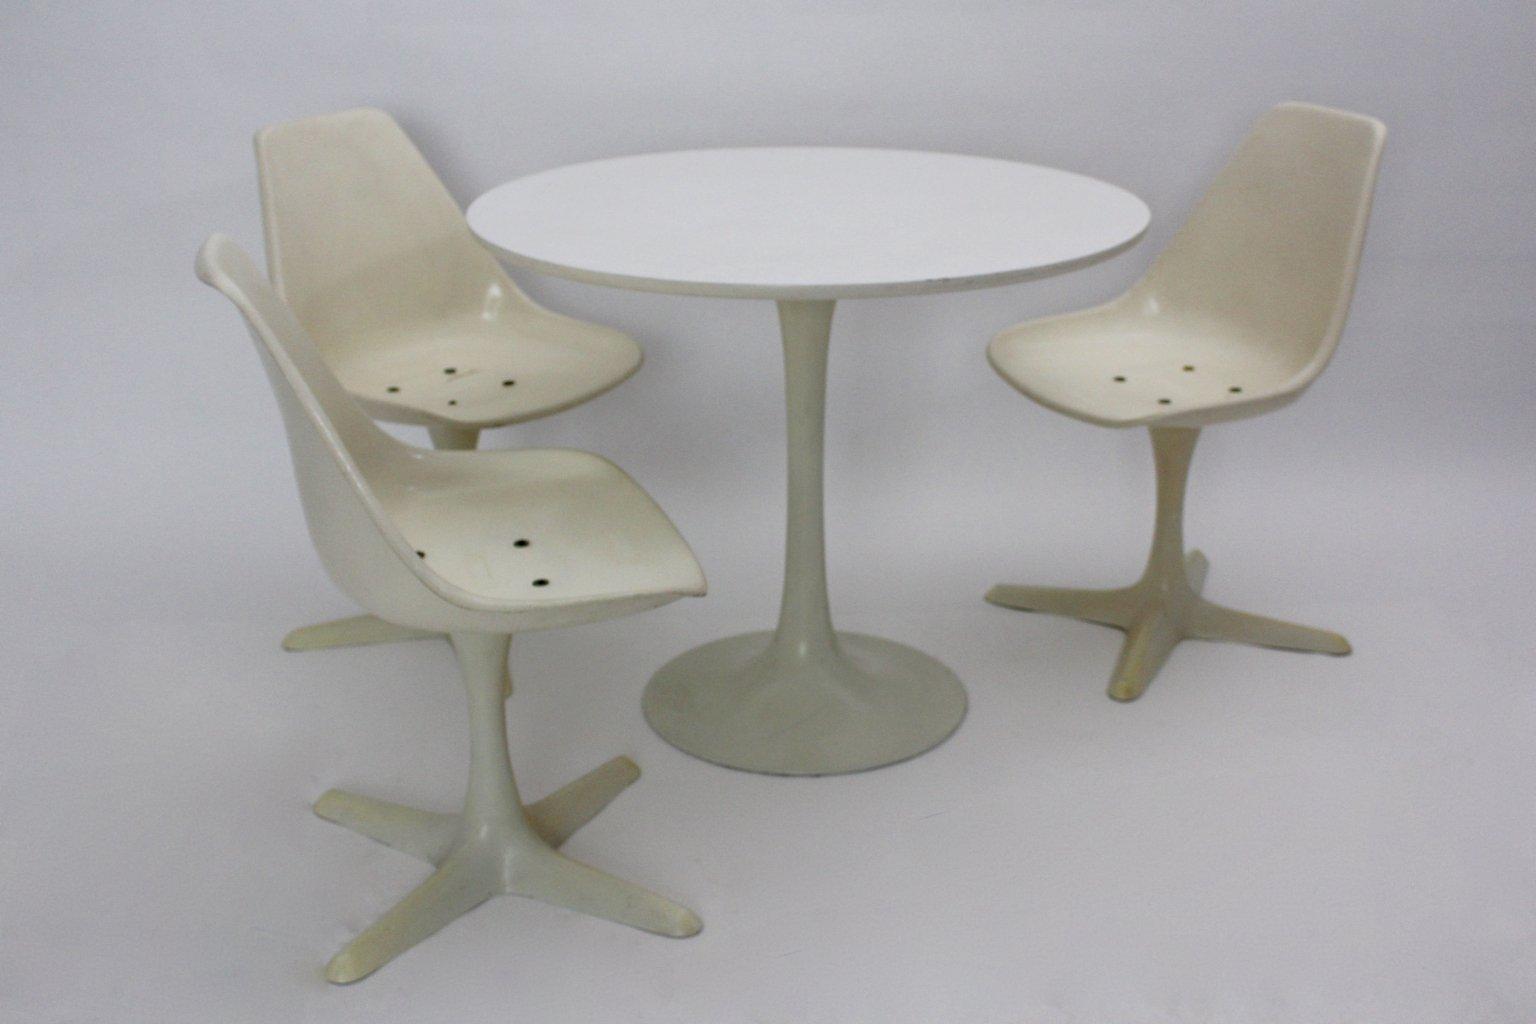 Britisches Tisch U0026 Stühle Esszimmerset Von Maurice Burke Für Arkana,  1960er, 4er Set Bei Pamono Kaufen